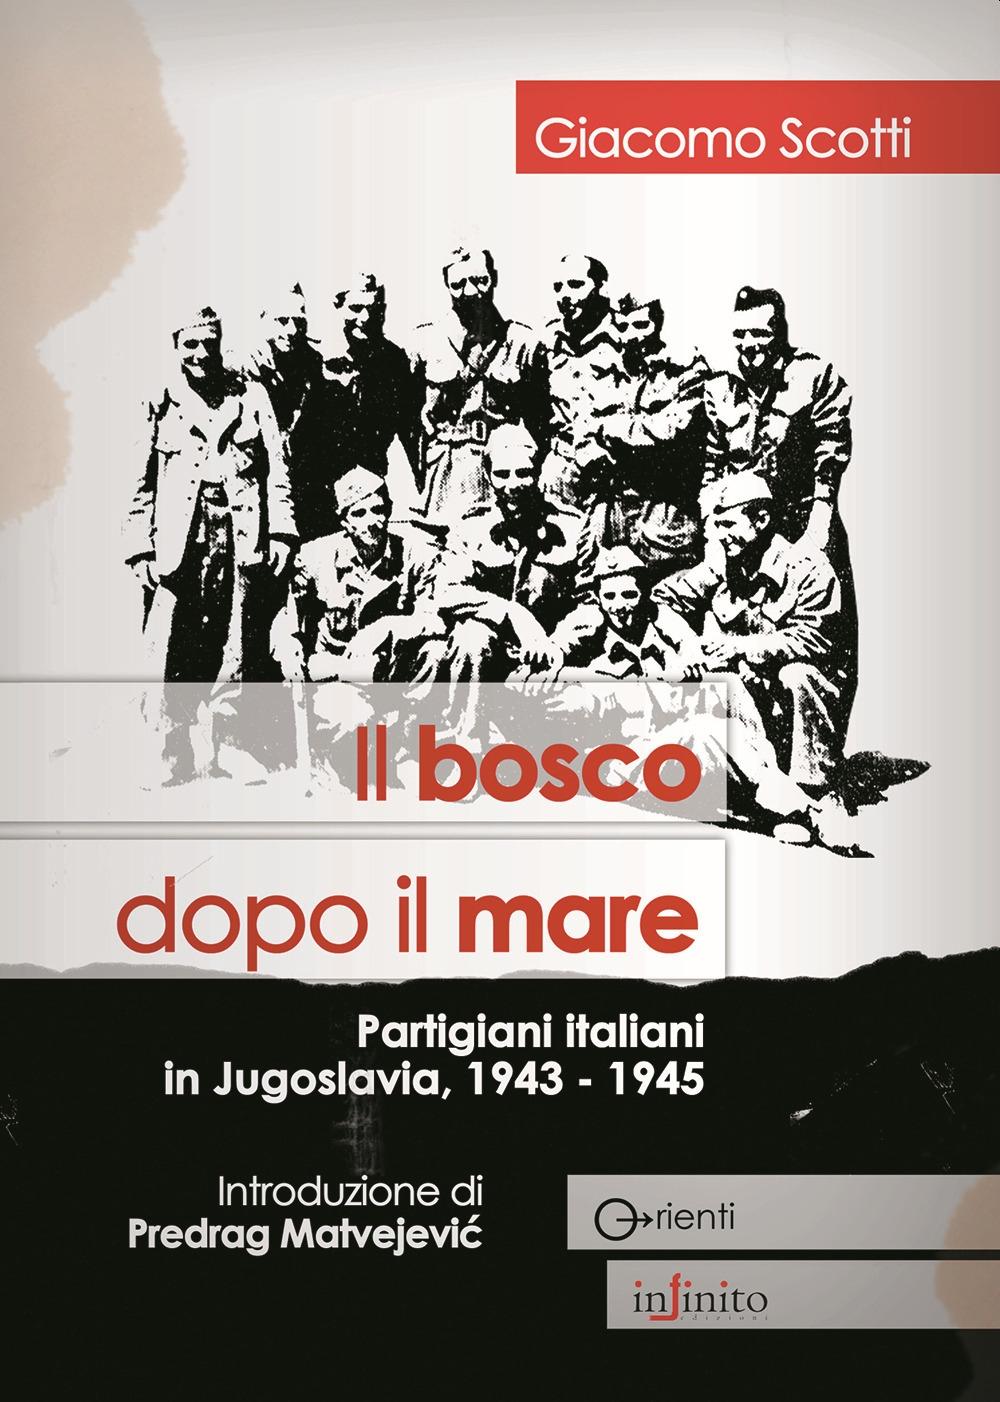 Il bosco dopo il mare. Partigiani italiani in Jugoslavia, 1943-1945.